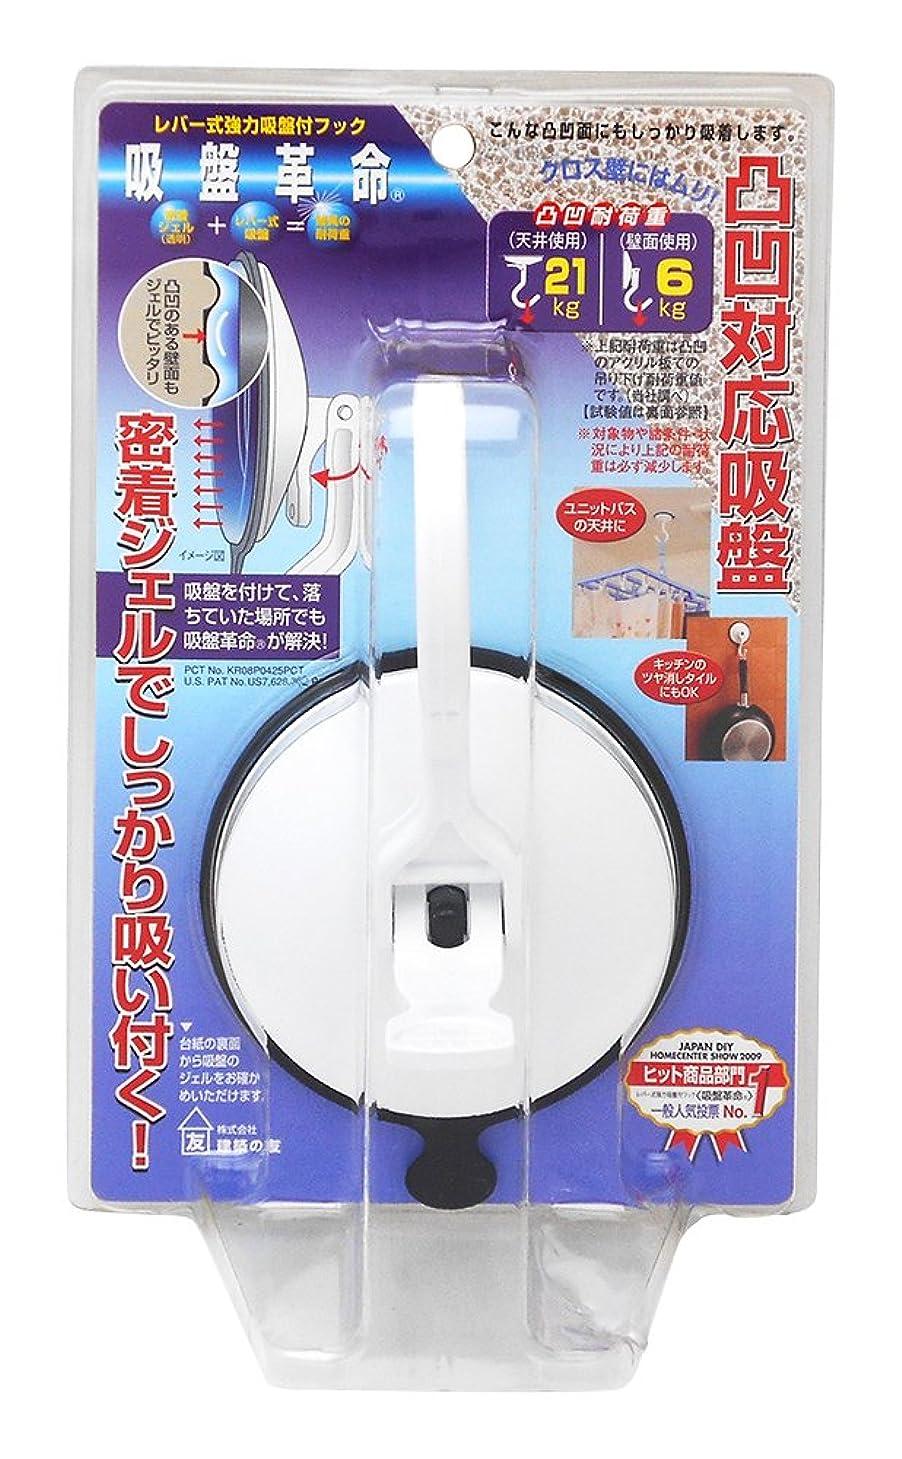 細菌胚月曜日吸盤革命?フック?大(耐荷重→天井使用時:21kg) 凸凹対応吸盤。密着ジェルでしっかり吸い付く!